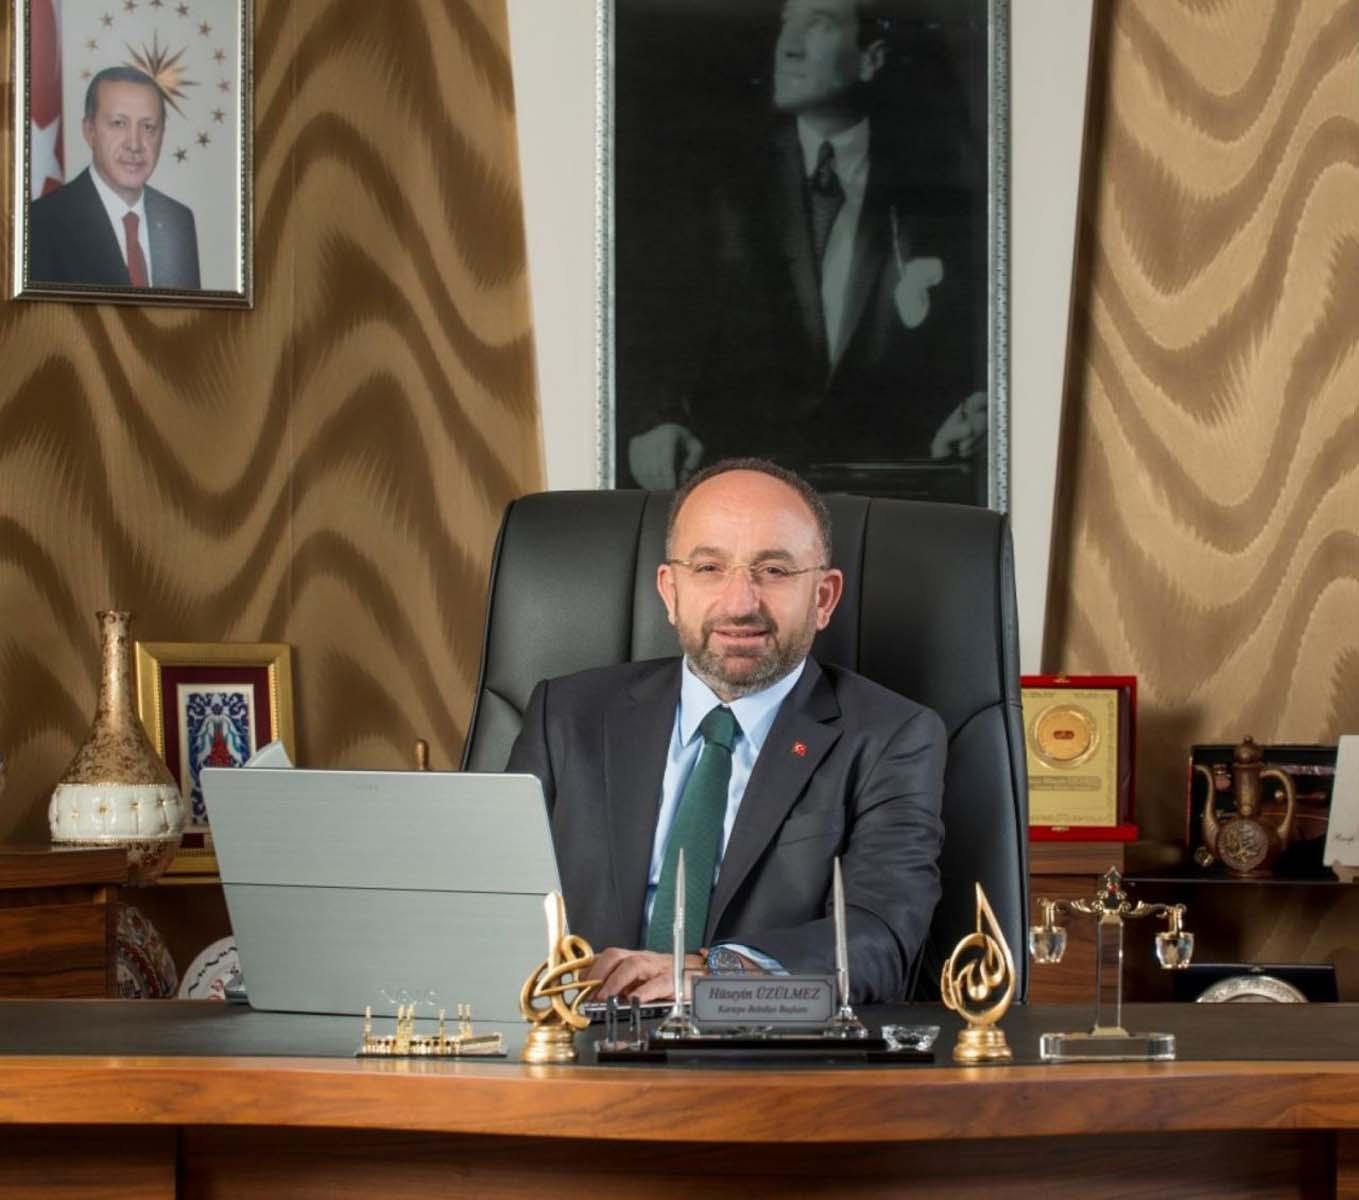 Eski Kocaelispor Başkanı Hüseyin Üzülmez kimdir? Öldü mü? Kaç yaşında, neden öldü? Nereli?